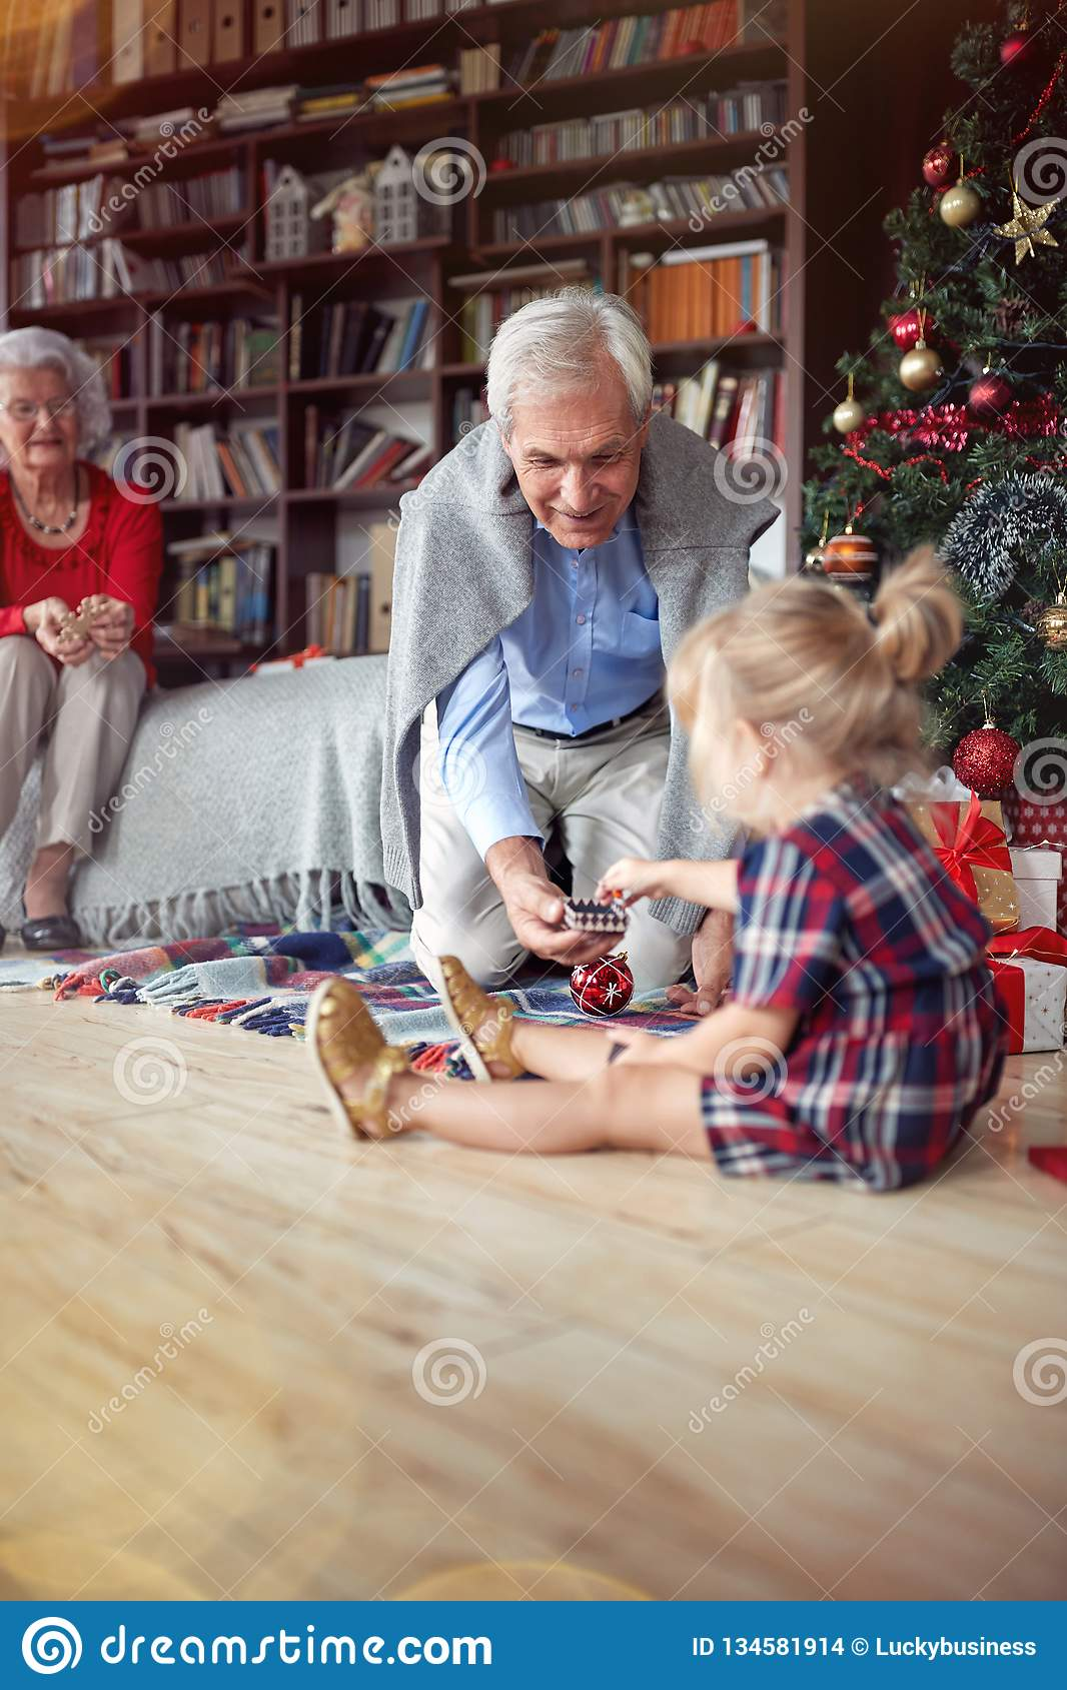 La ragazza è regalo di Natale aperto davanti ad un albero decorato di natale con il nonno